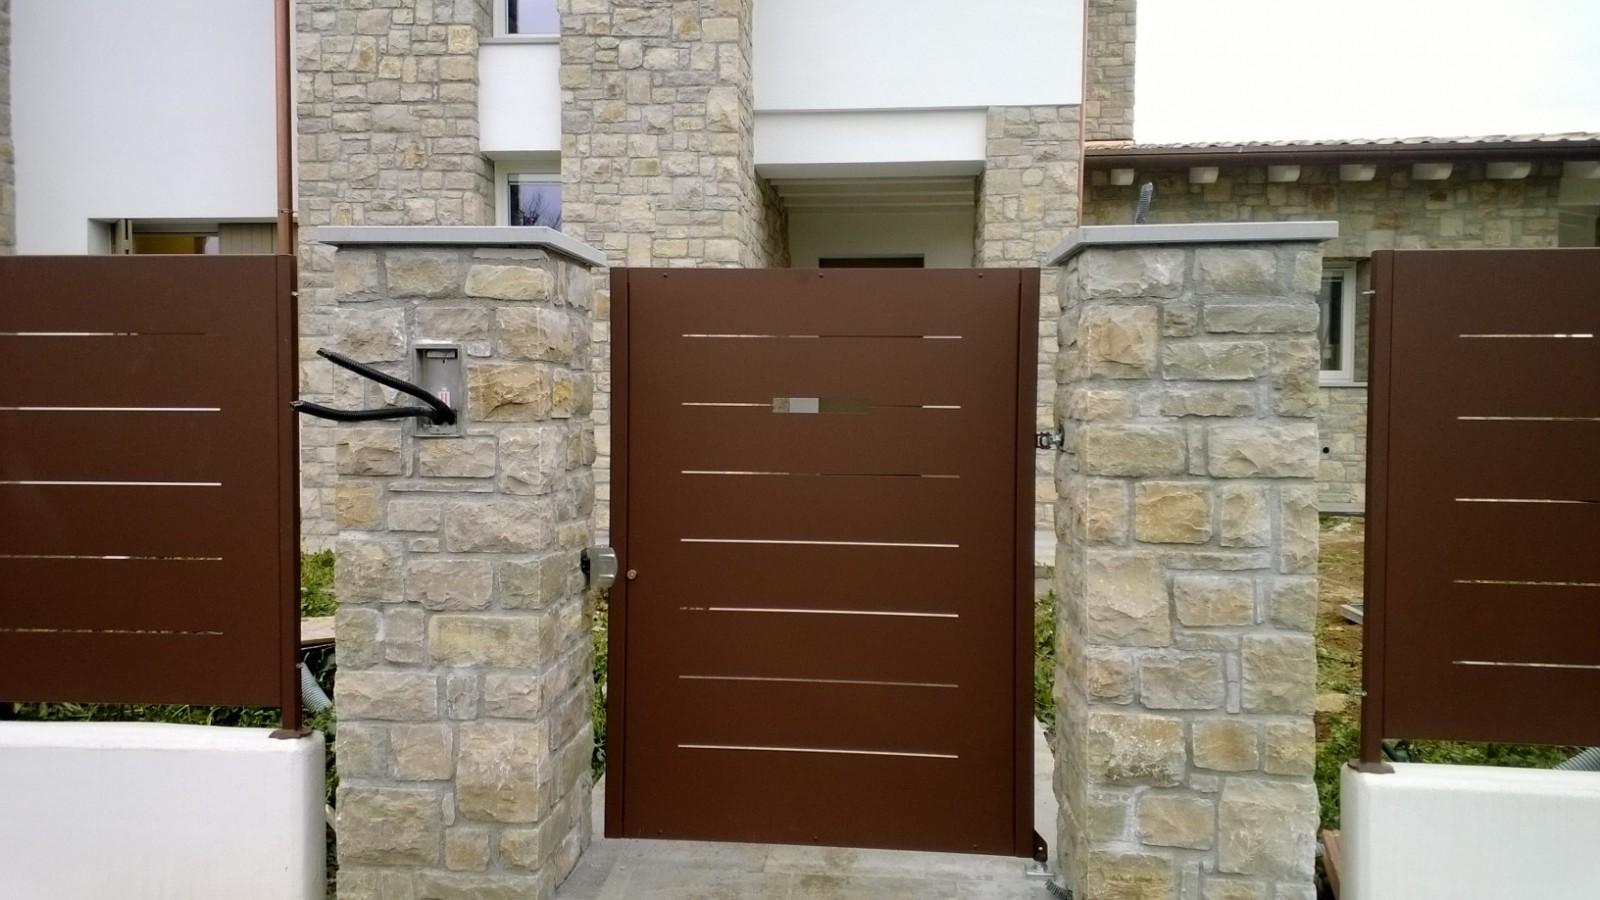 Cancello Di Legno Minecraft : Cancello ferro e legno. finest cancello ferro e legno with cancello